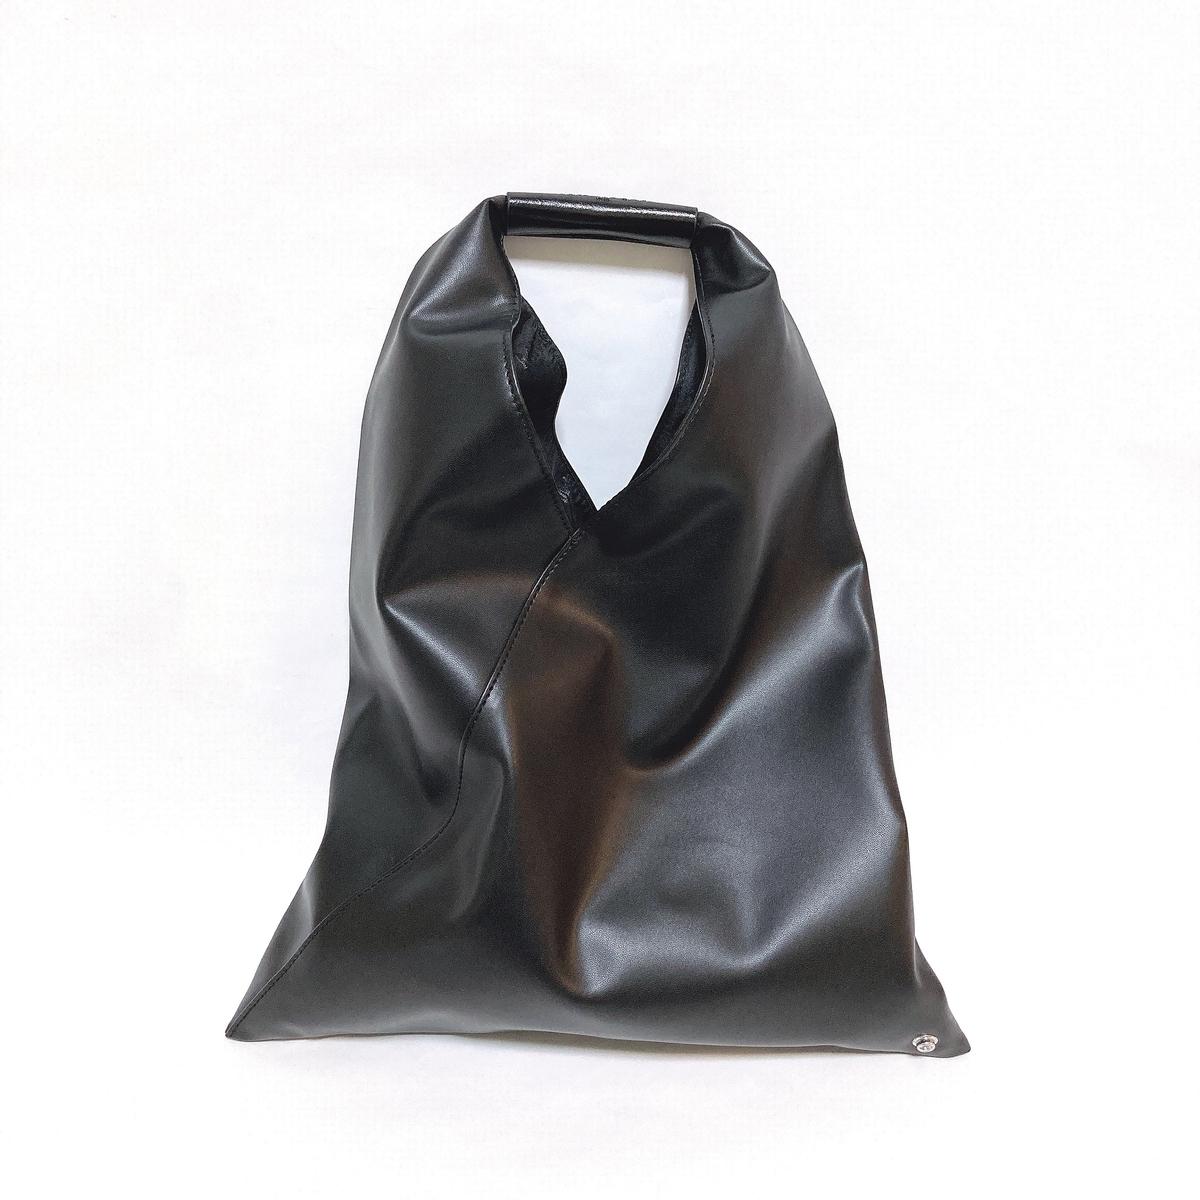 エムエムシックス ジャパニーズバッグ 合皮 スモールサイズ